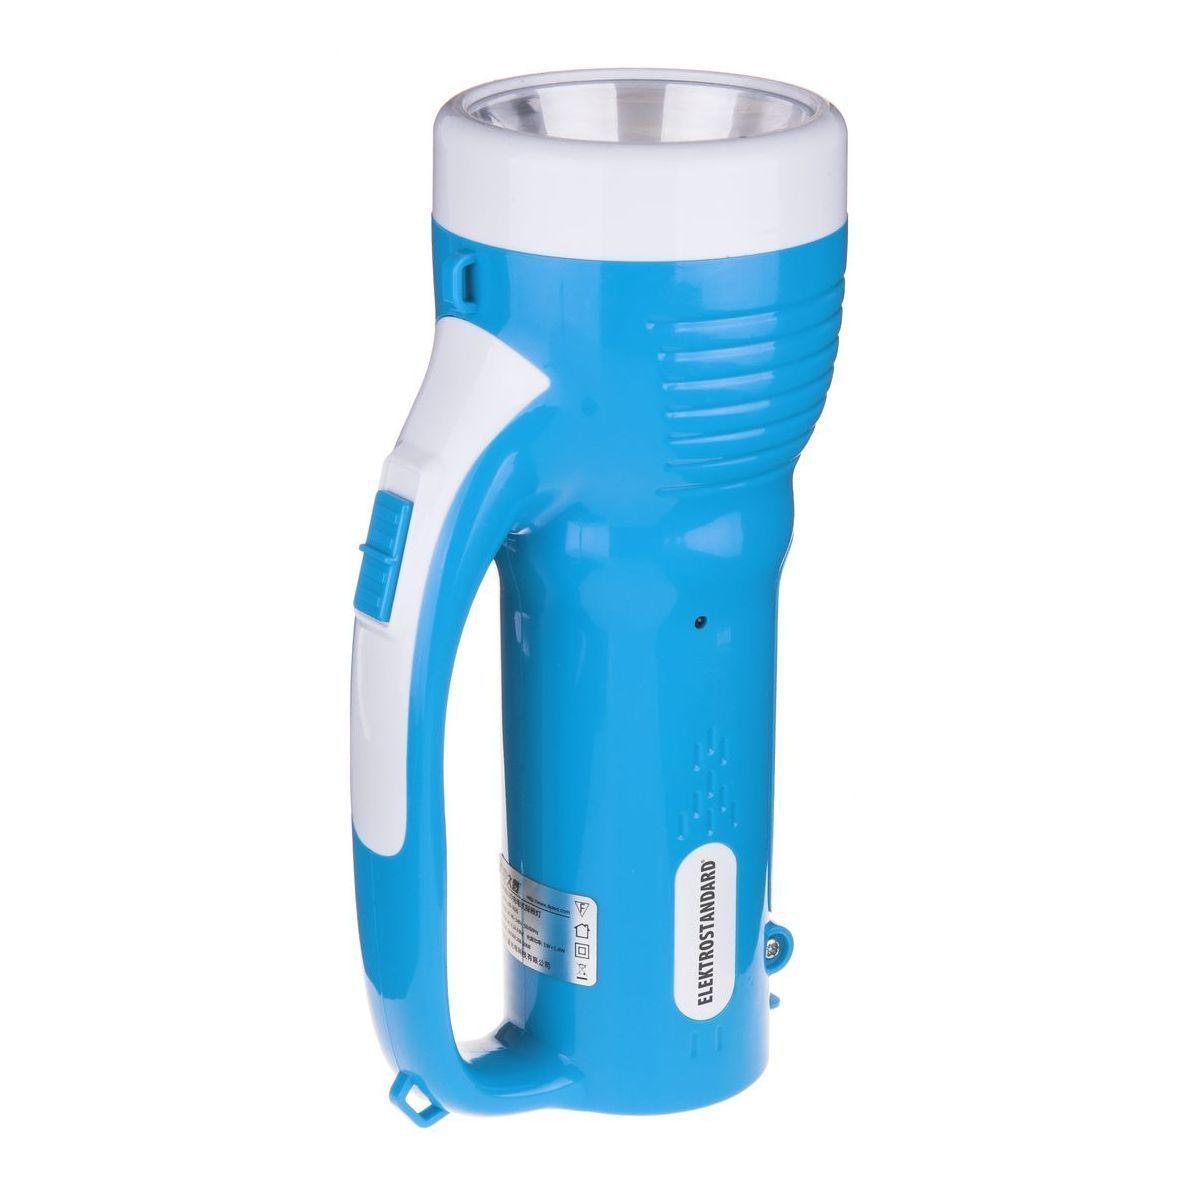 Ручной аккумуляторный светодиодный фонарь Torres FLD70-2,4W голубой